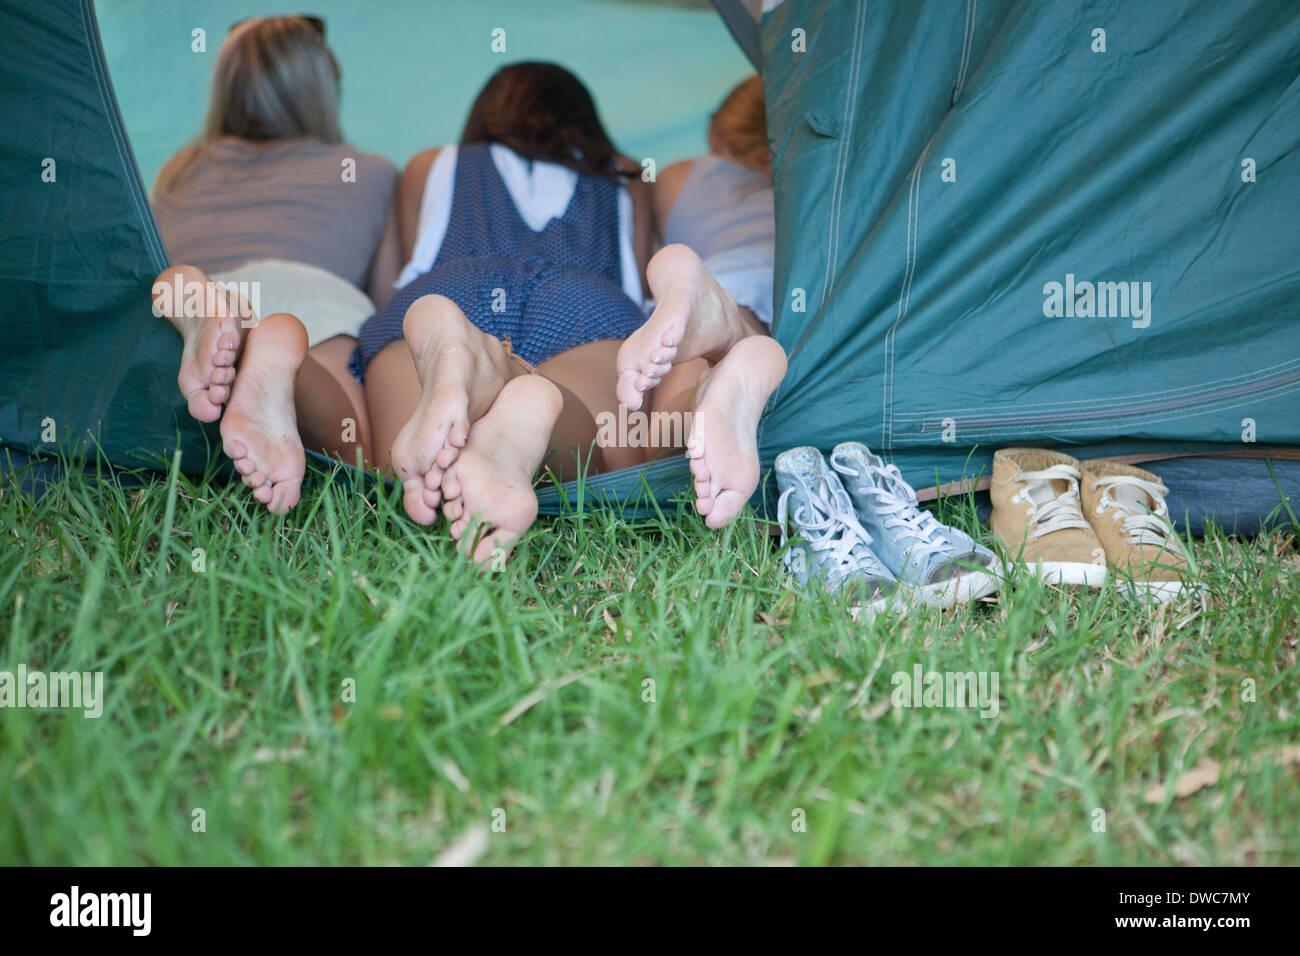 Trois jeunes femmes amis pieds à l'entrée de la tente Photo Stock